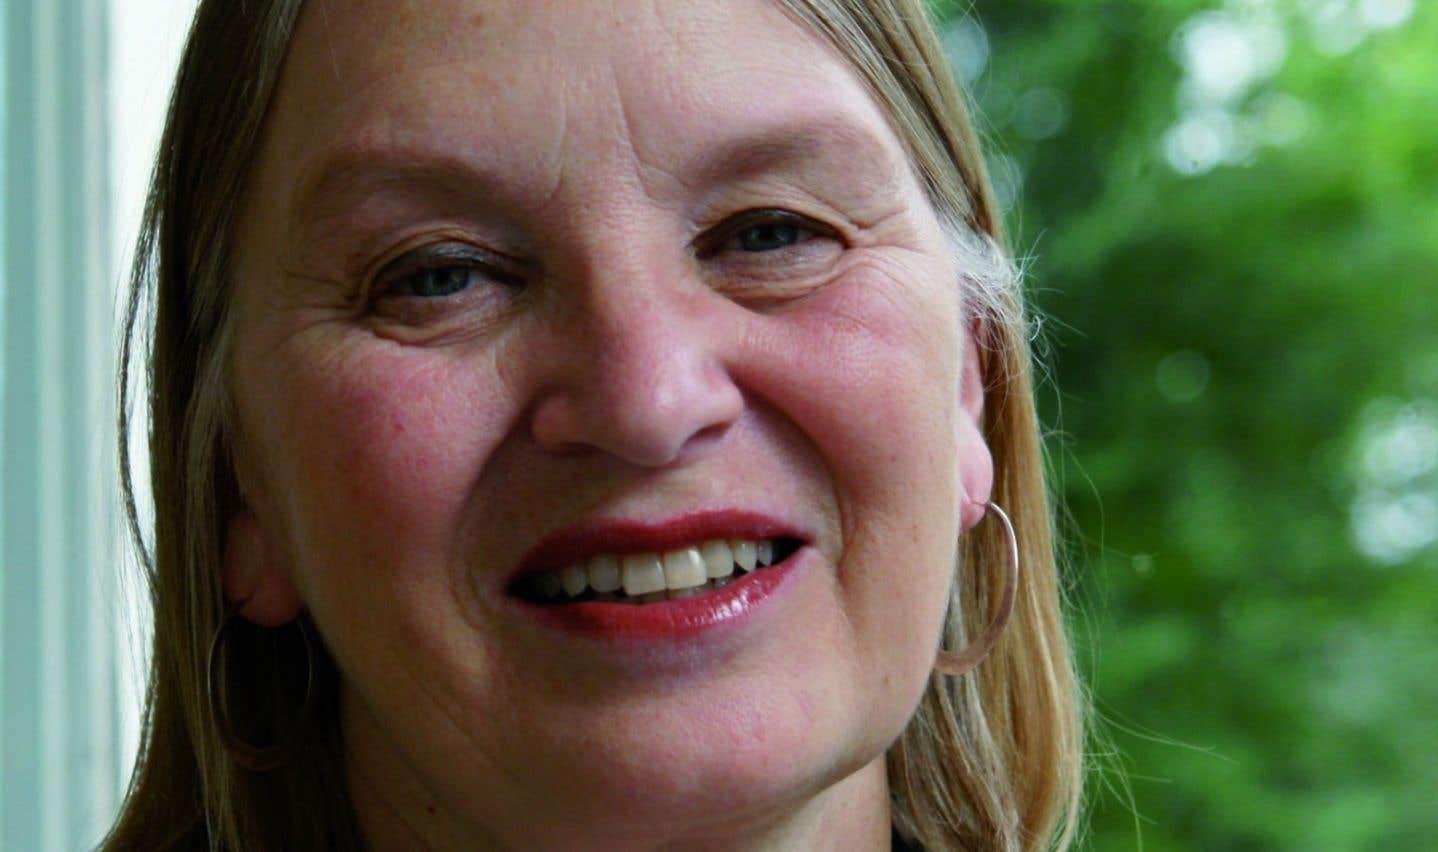 Laura Hassler souhaite ramener la musique au cœur de la vie.